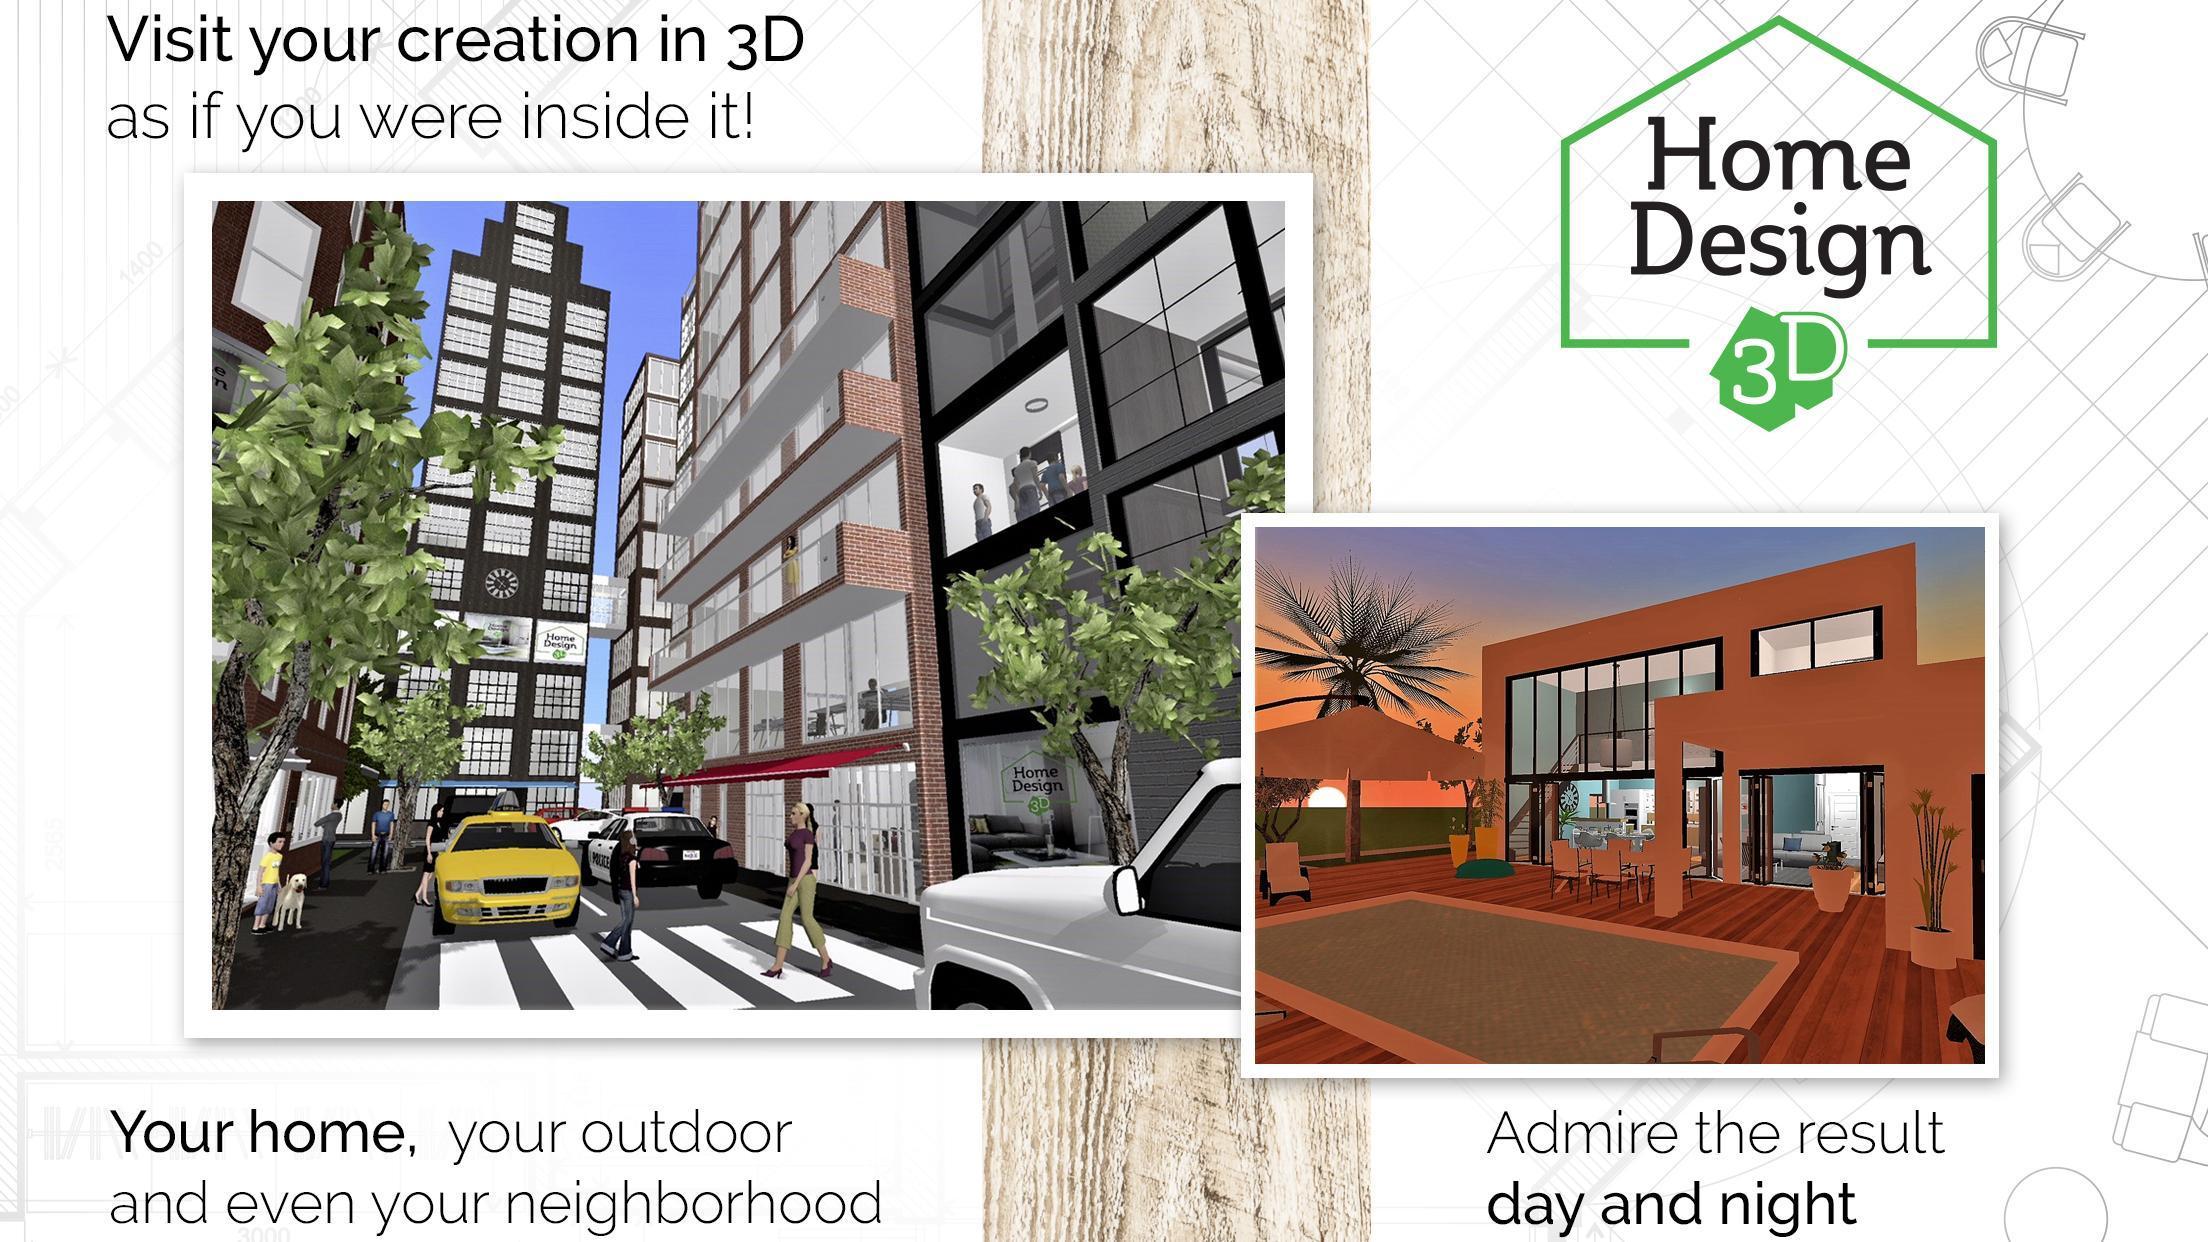 Home Design 3D 4.4.4 Screenshot 5